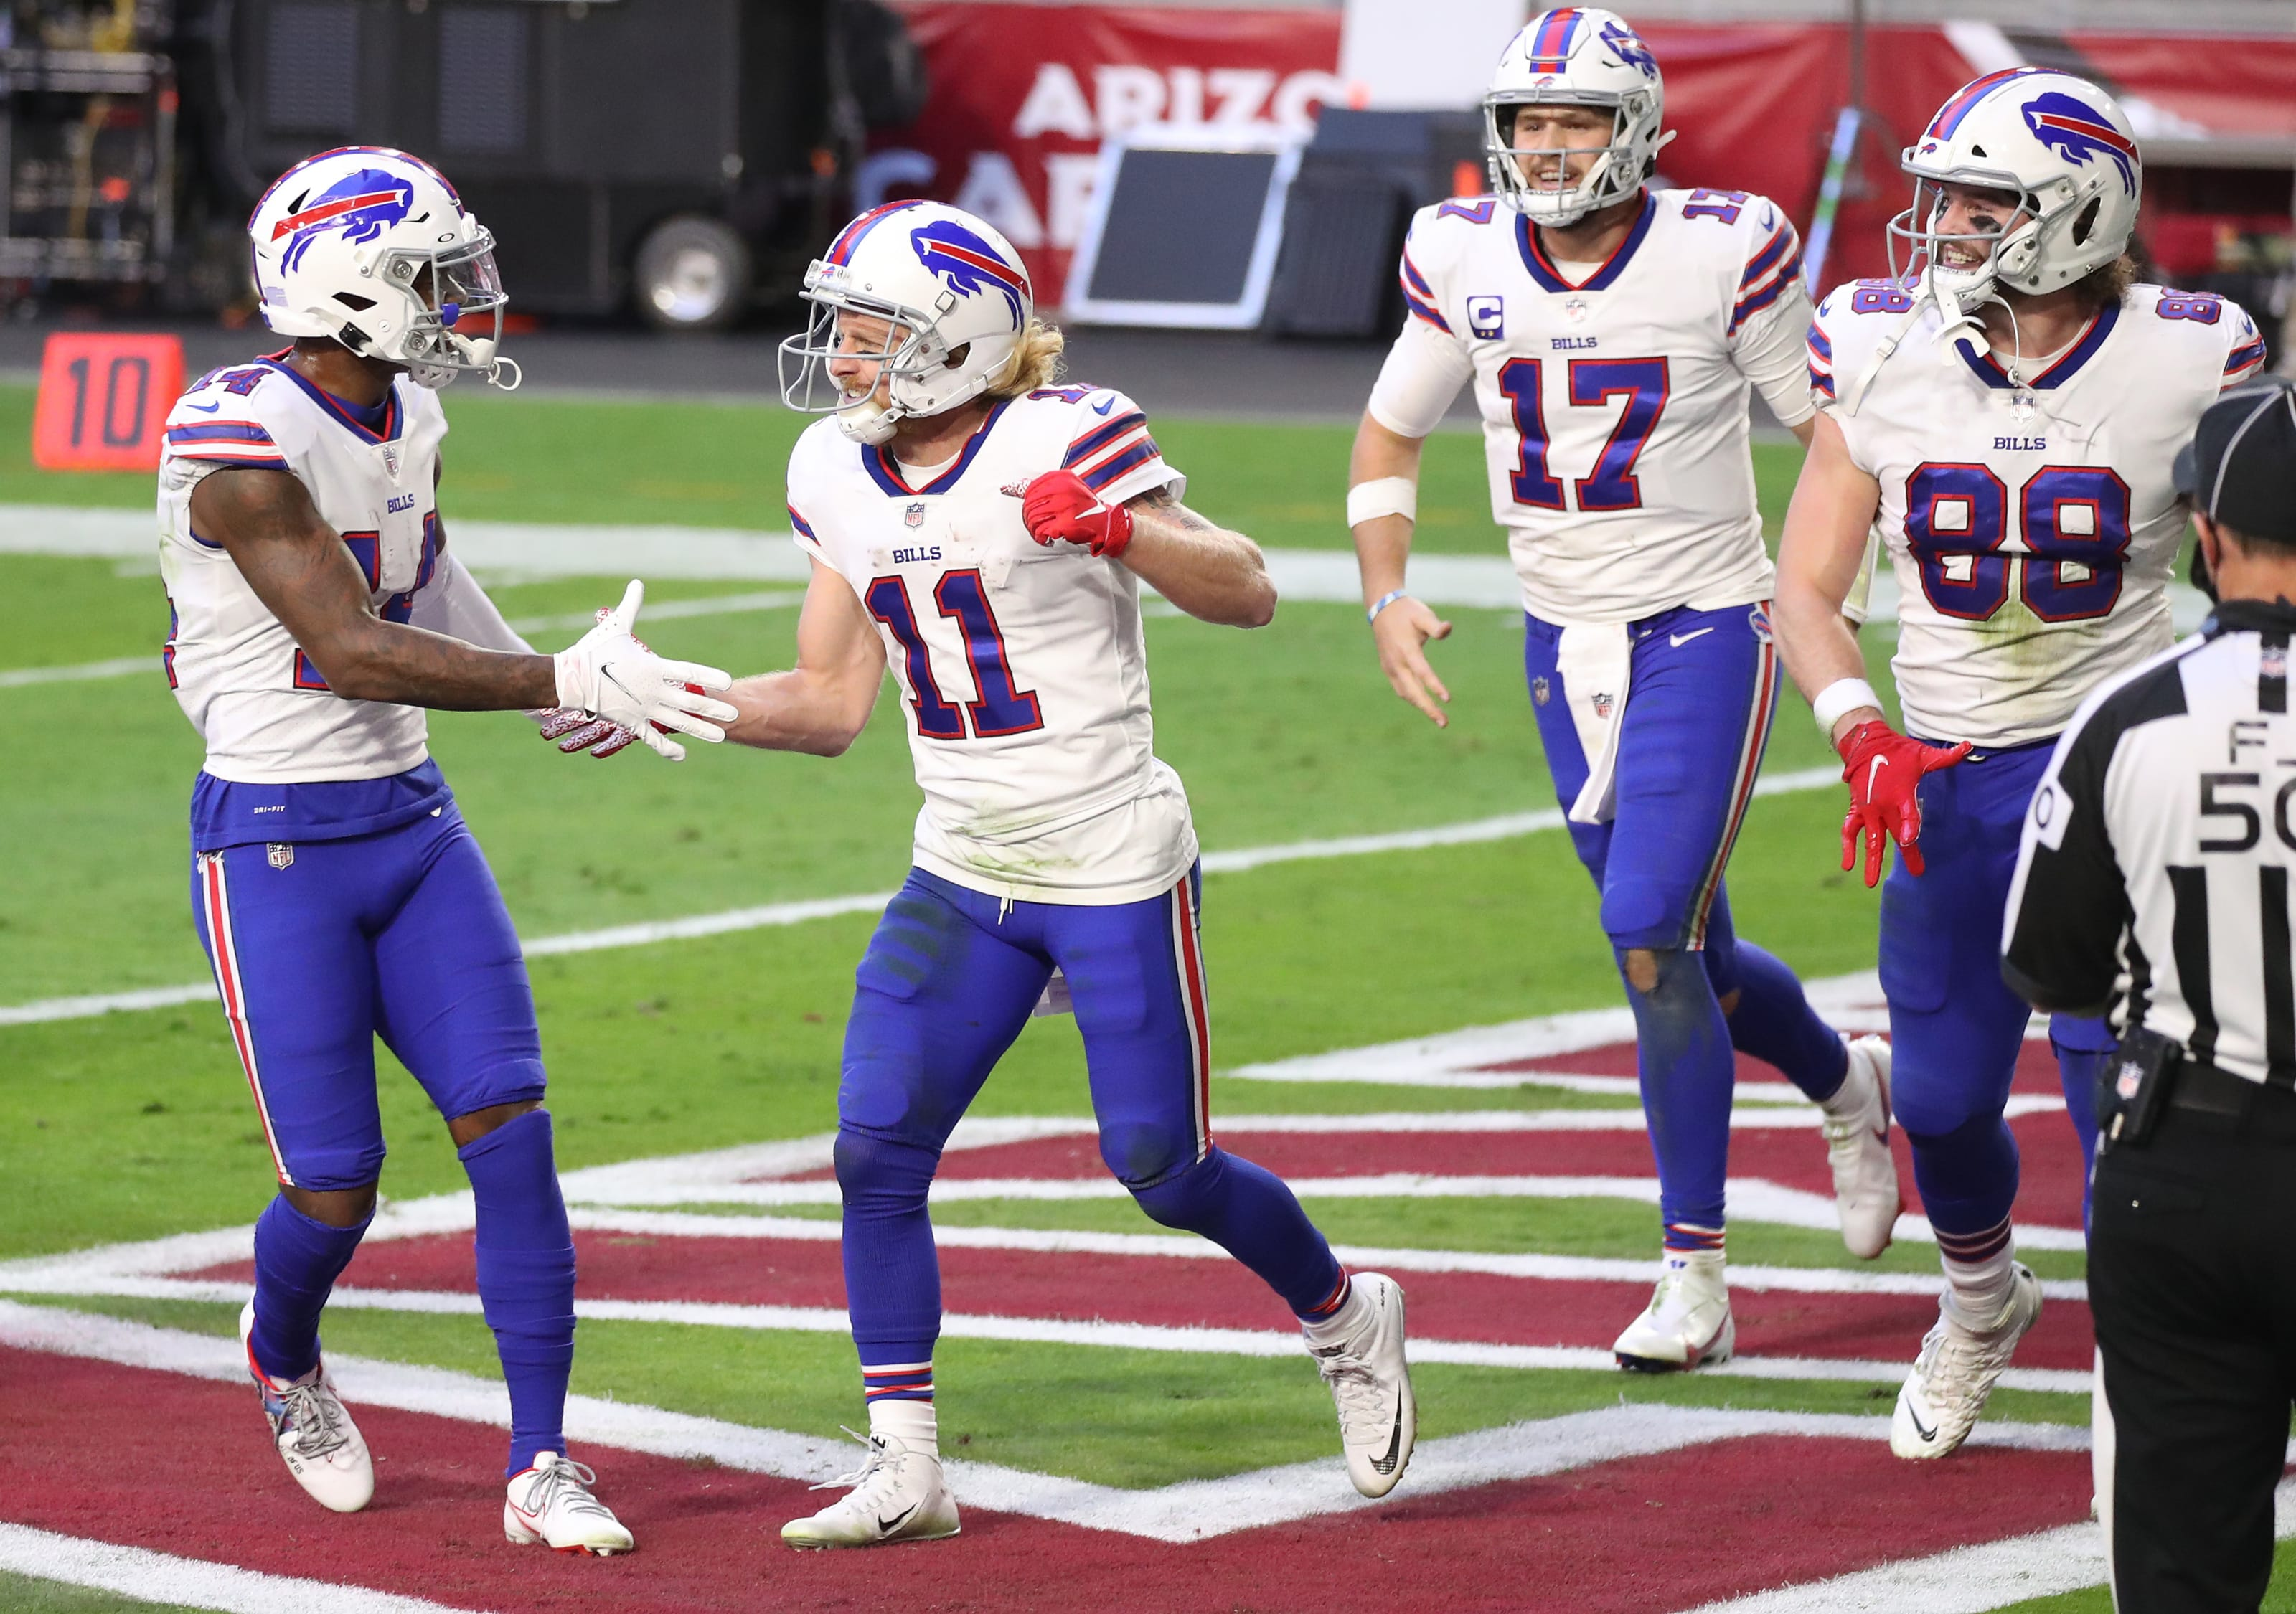 Wide receiver duo, Sefon Diggs, Cole Beasley, Buffalo Bills